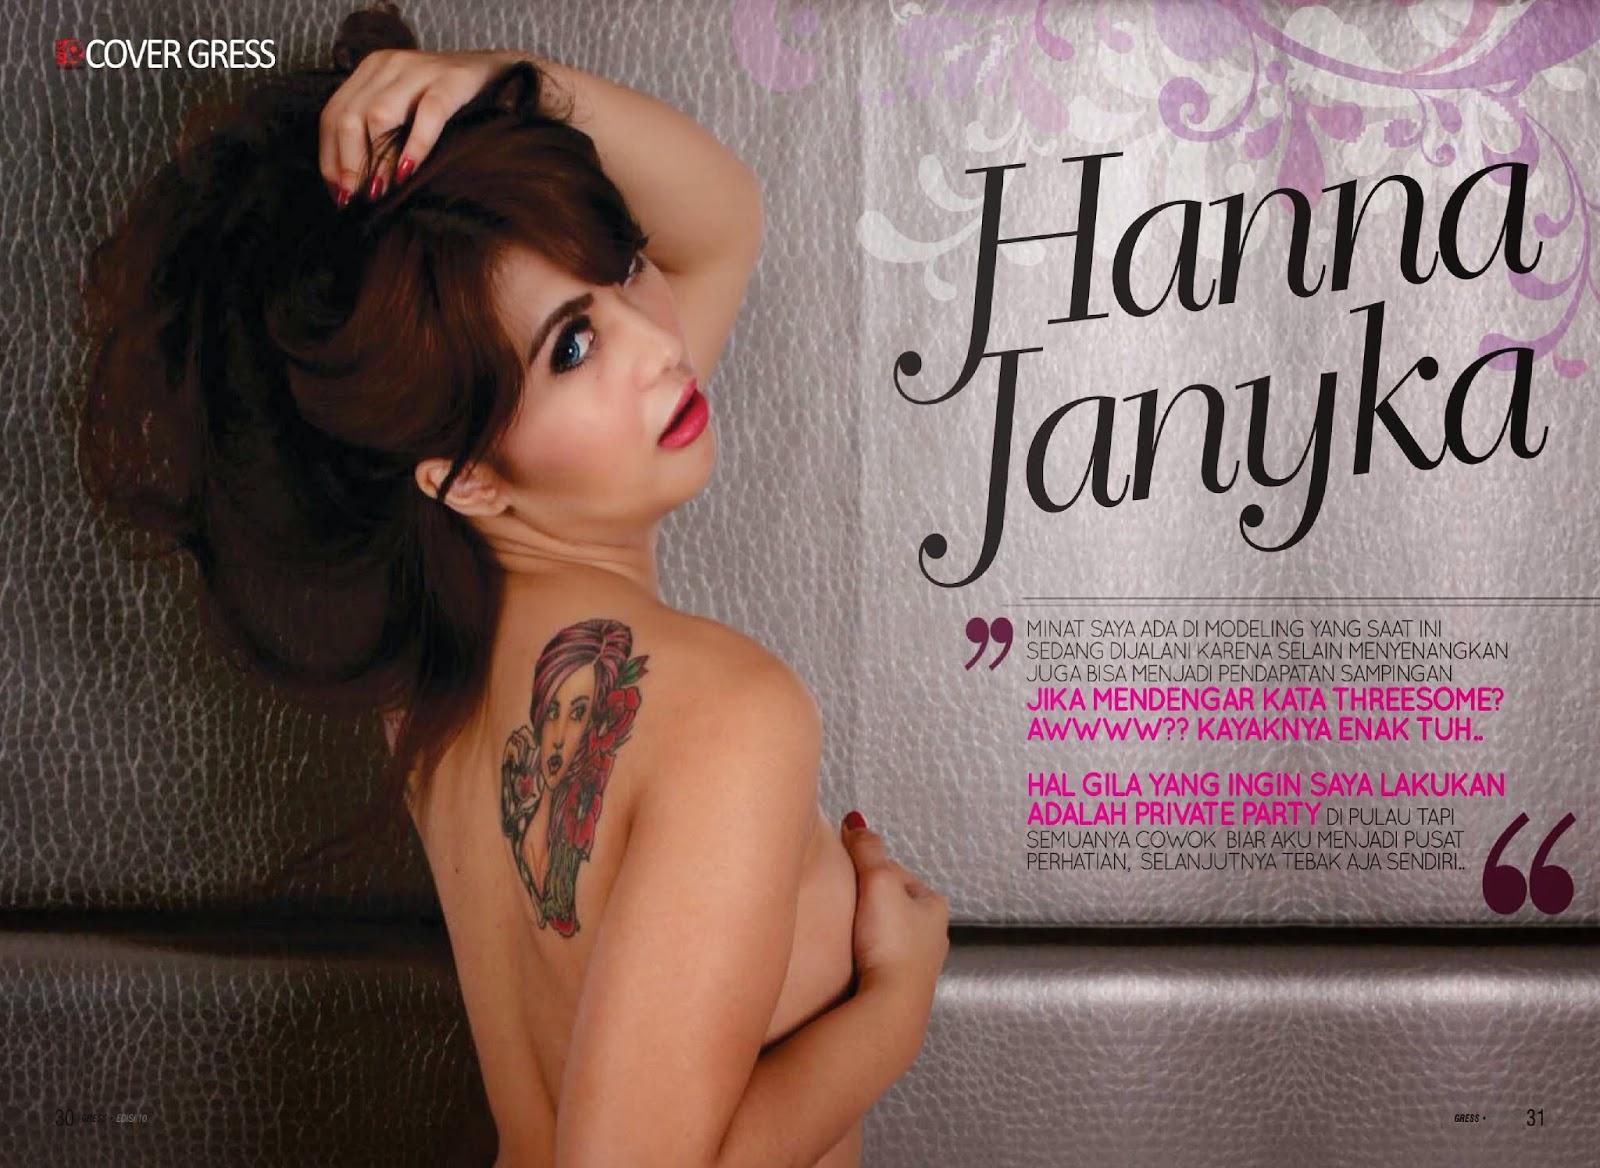 foto ngentot memek  bugil mesum Hanna Janyka Hot On Gress Magazine